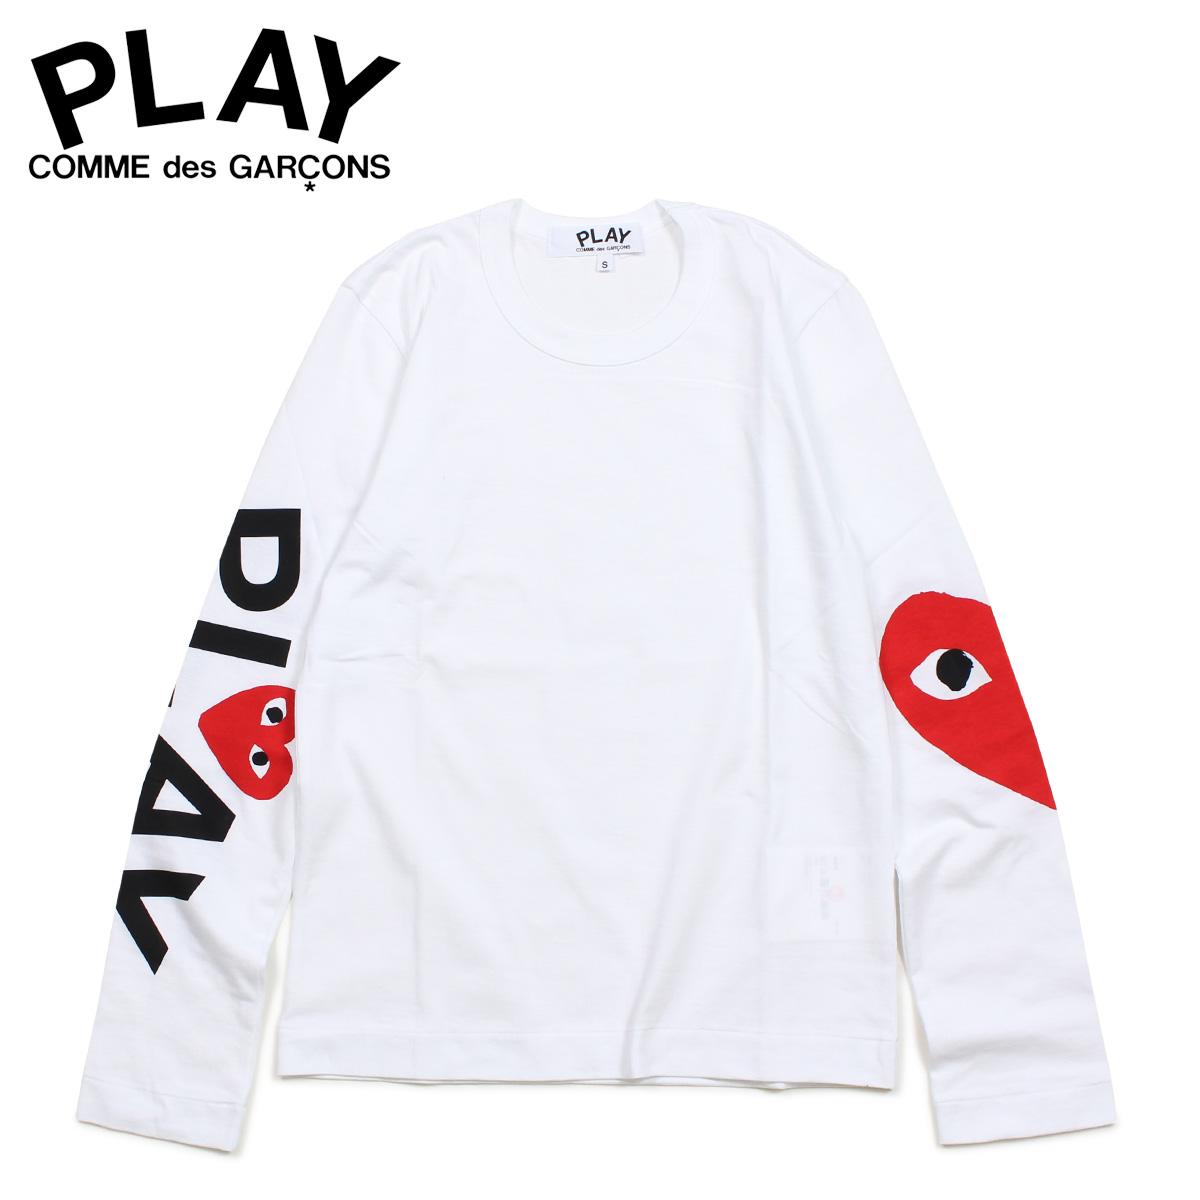 【最大2000円OFFクーポン】 コムデギャルソン PLAY COMME des GARCONS Tシャツ レディース 長袖 ロンT RED HEART LONG SLEEVE ホワイト 白 AZ-T257 [3/29 新入荷]